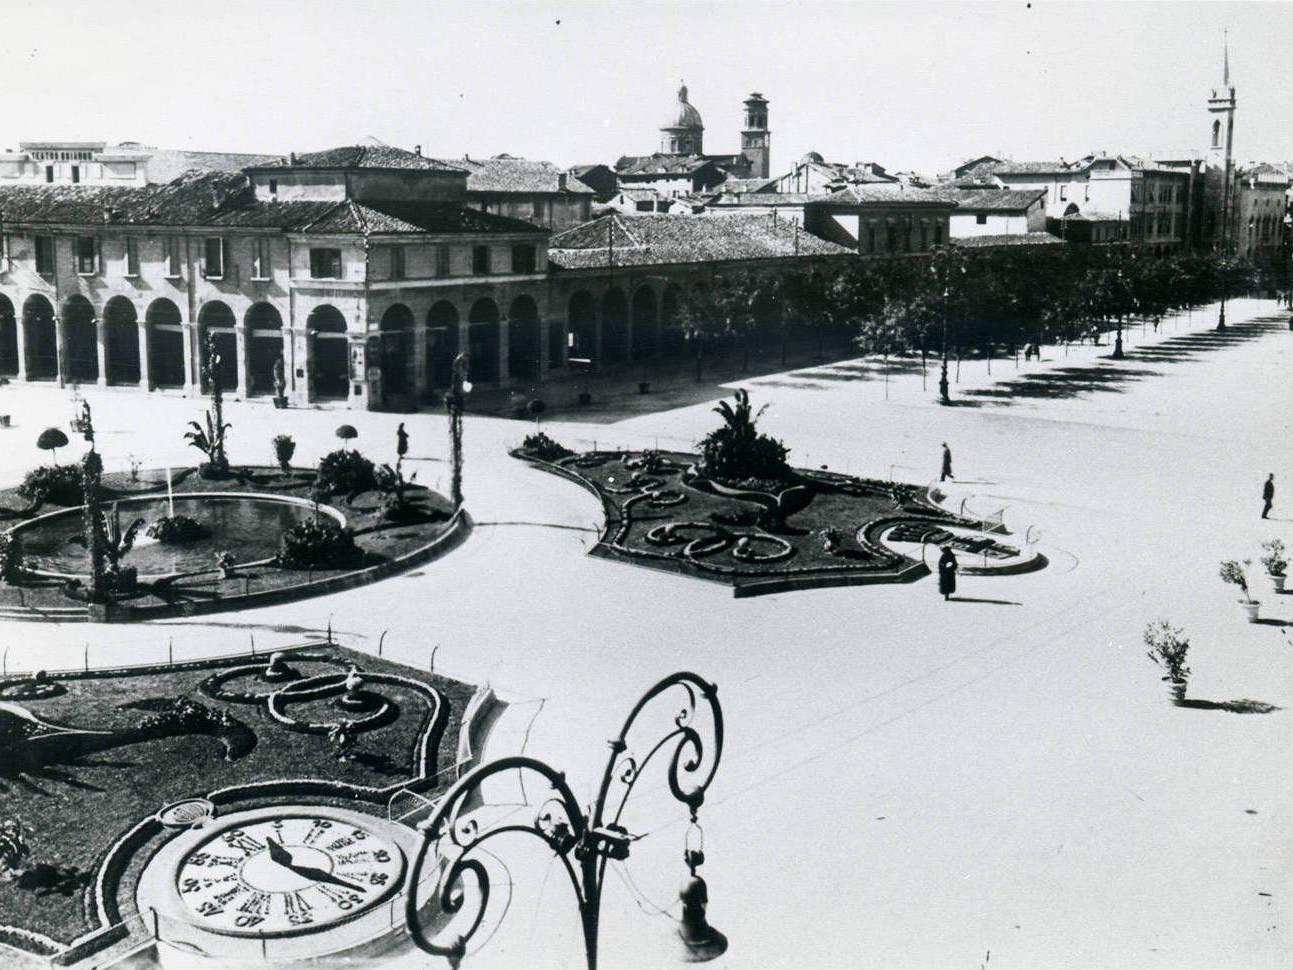 VEDUTE DI PIAZZA DELLA VITTORIA FOTOTECA BIBLIOTECA PANIZZI, REGGIO EMILIA ANNI '20, '30 E '50